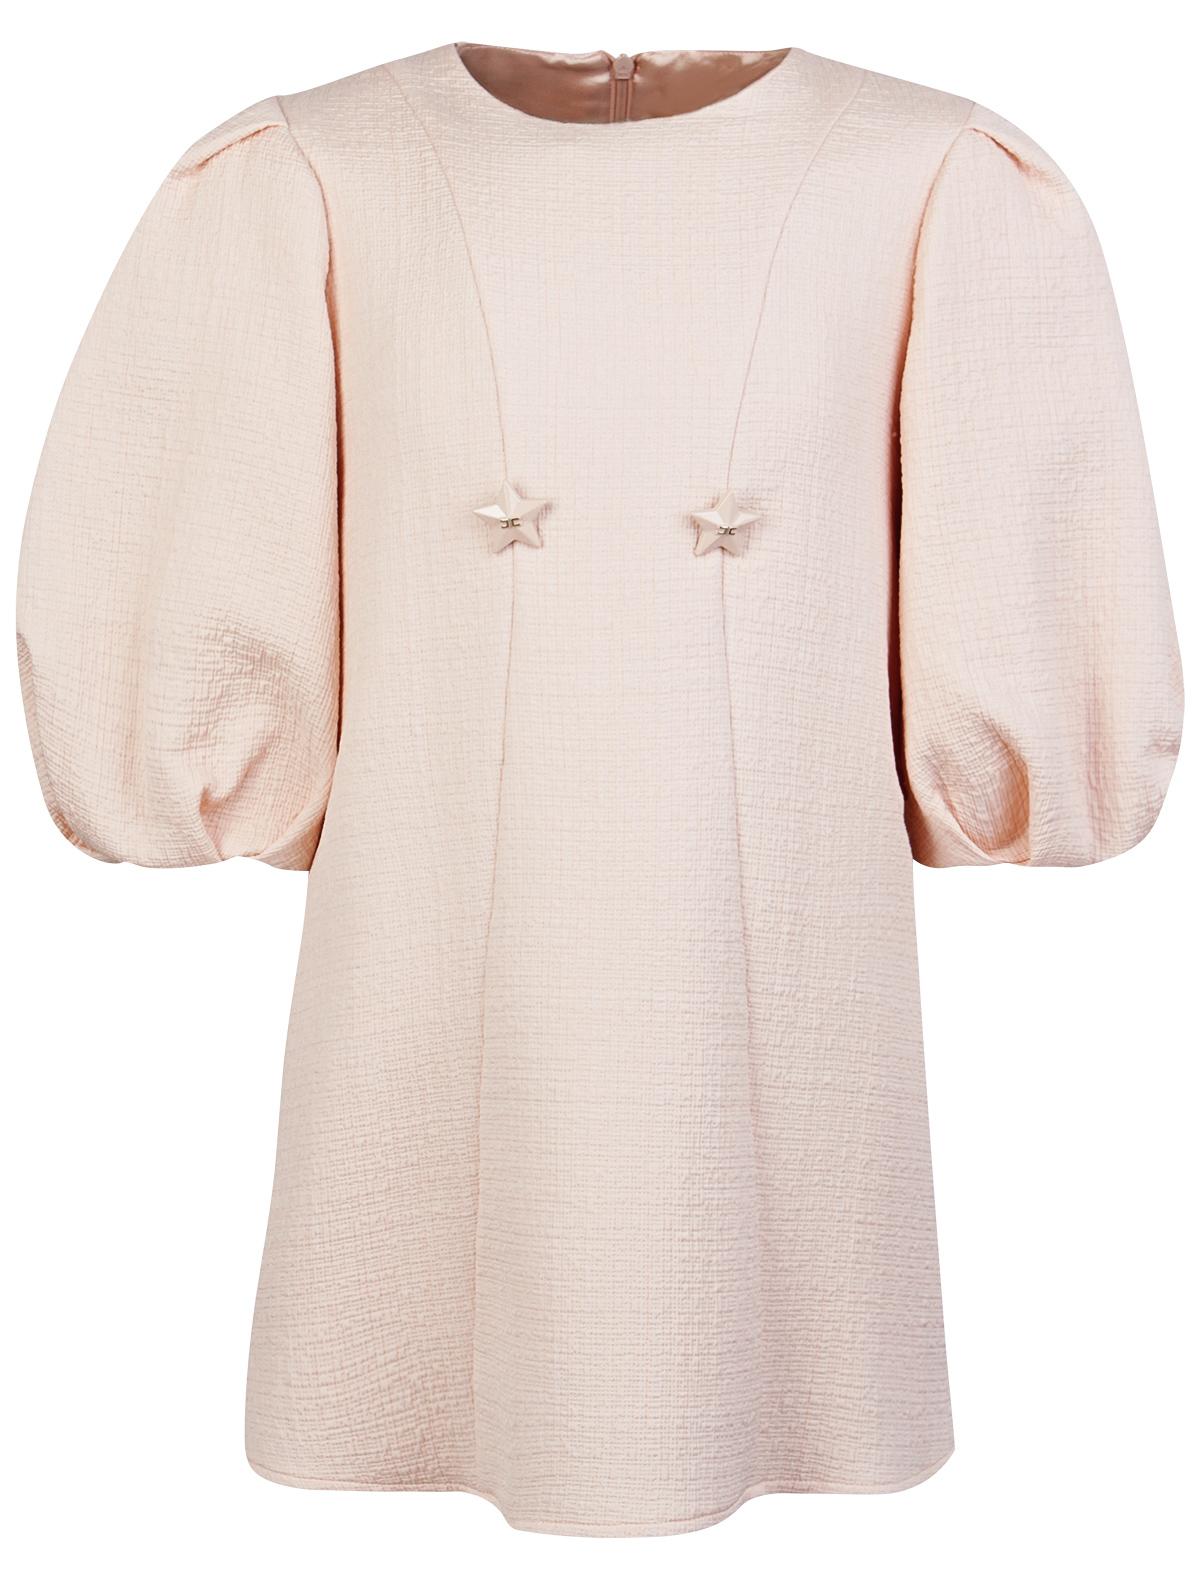 Купить 1991335, Платье ELISABETTA FRANCHI, розовый, Женский, 1052609970740